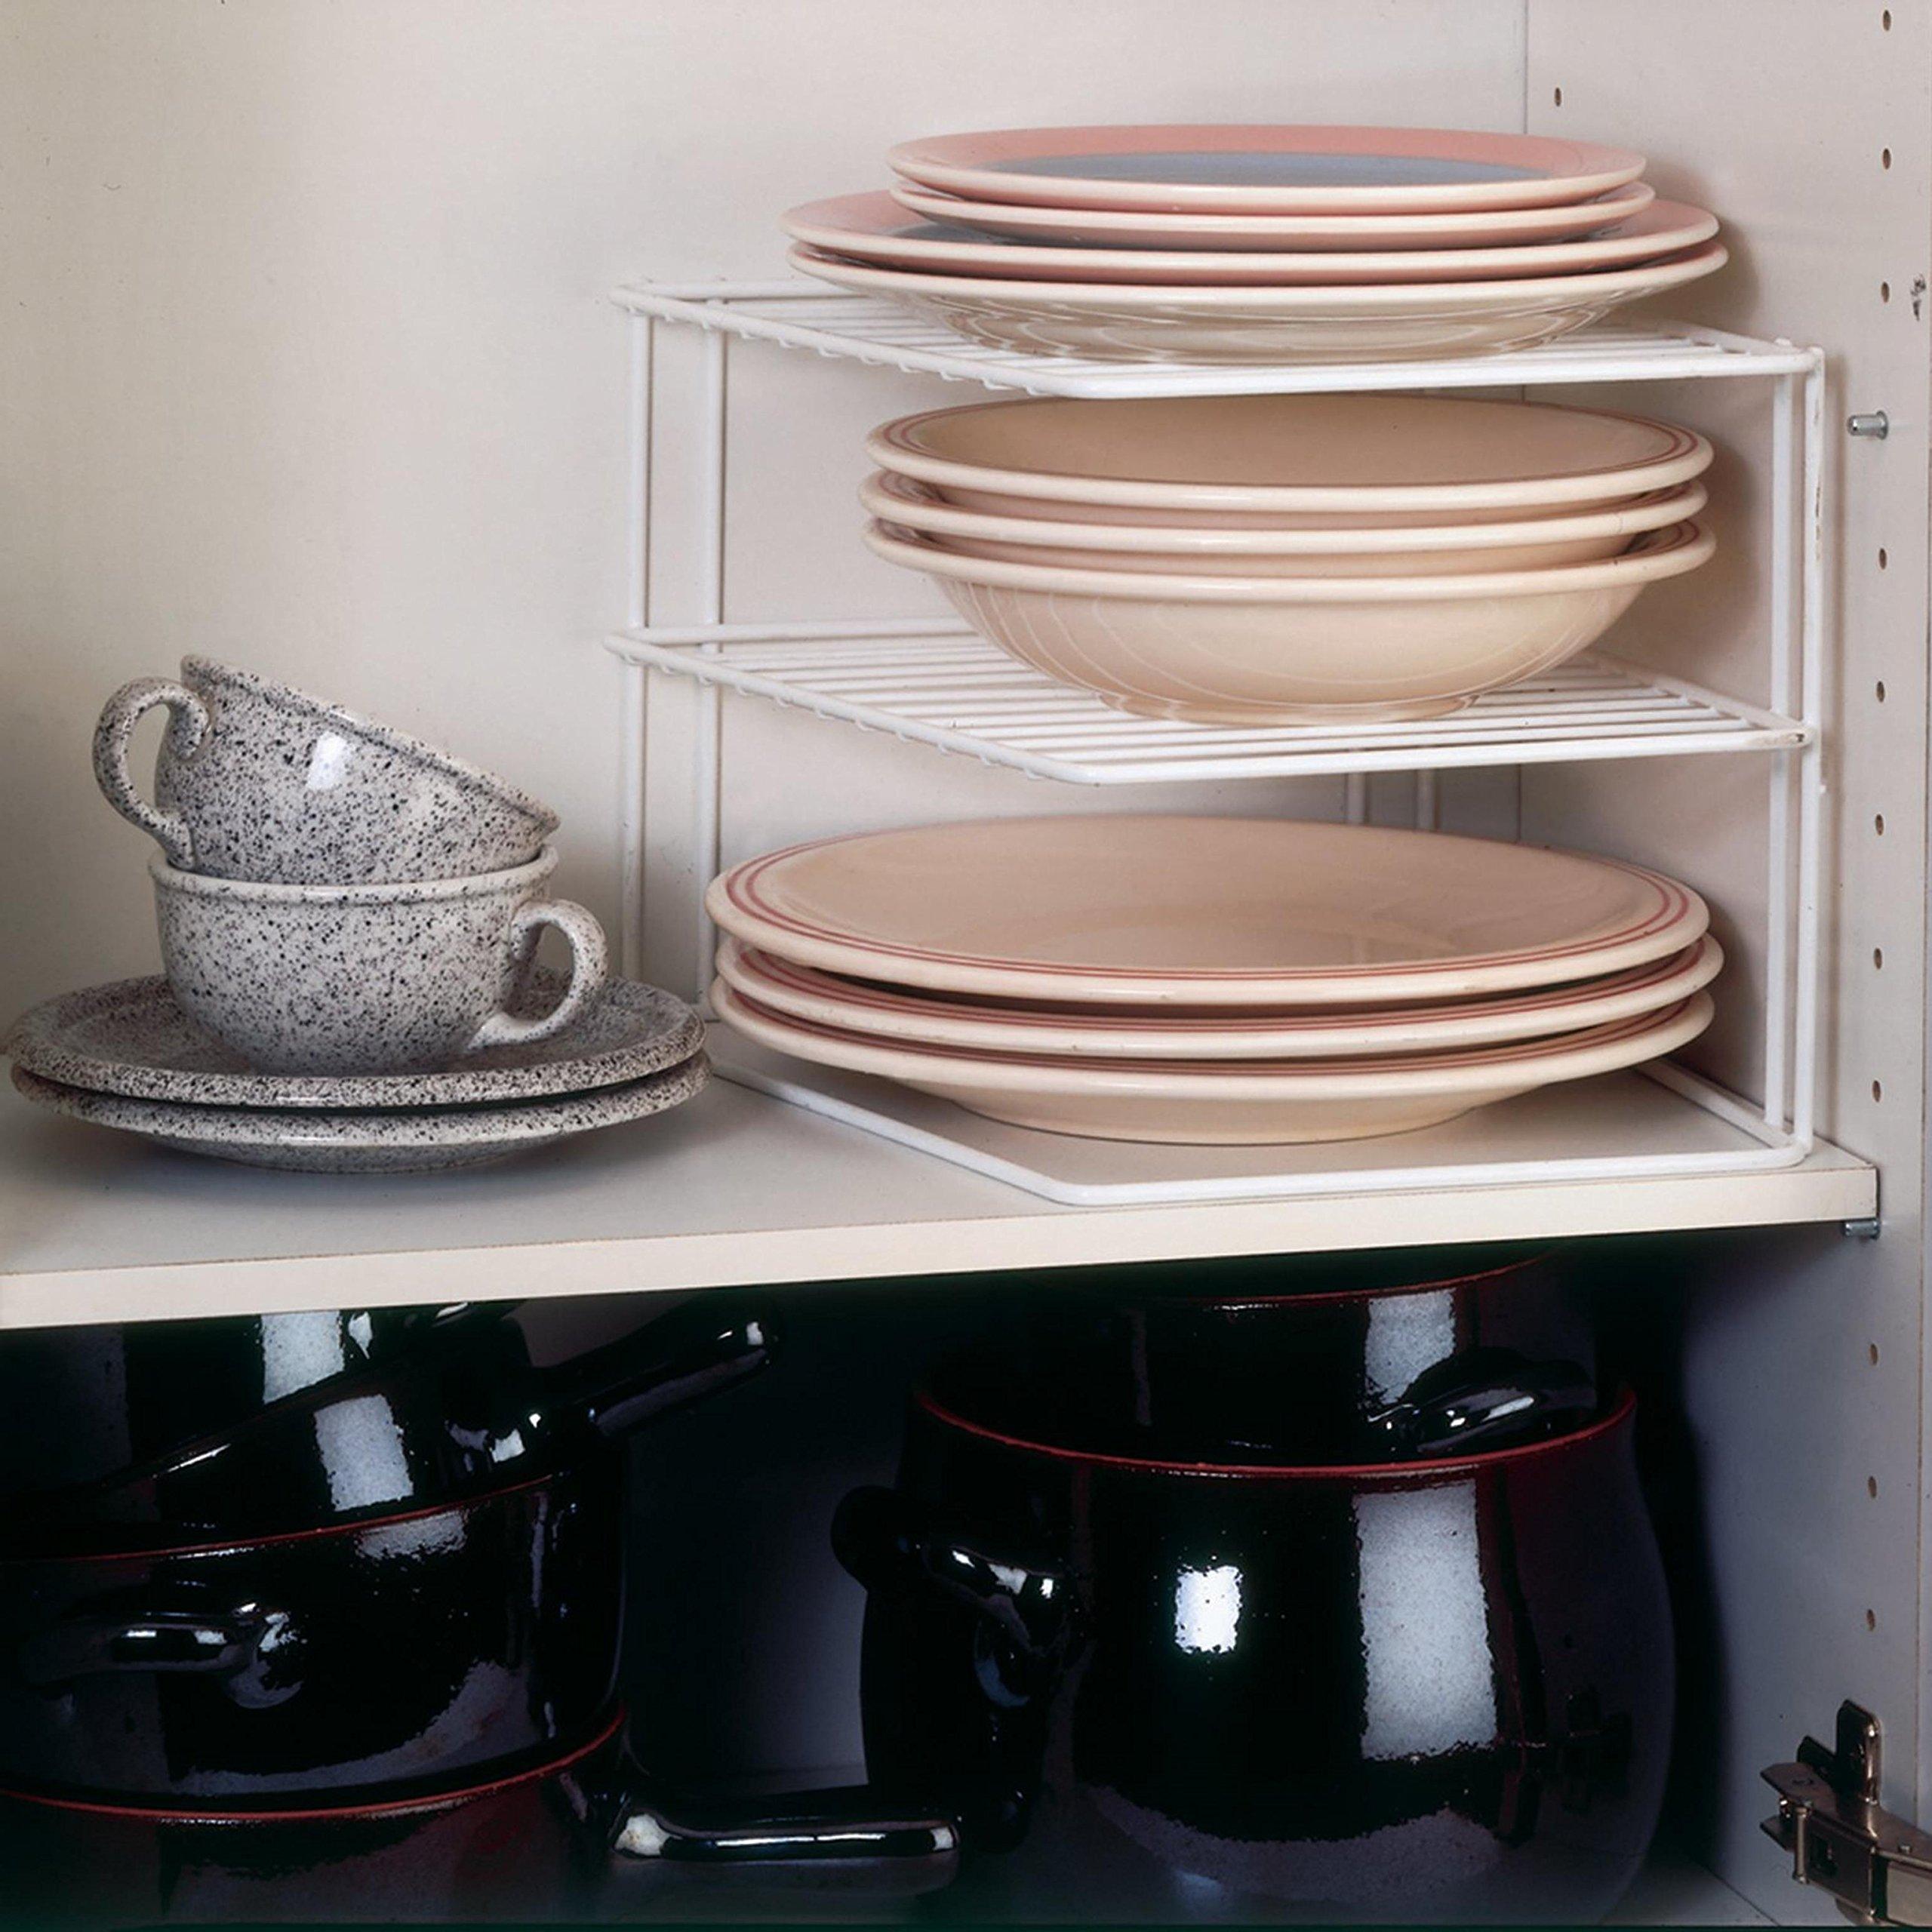 Mensole angolare per pensili cucina, ideale per riporre i piatti e ottimizzare lo spazio.